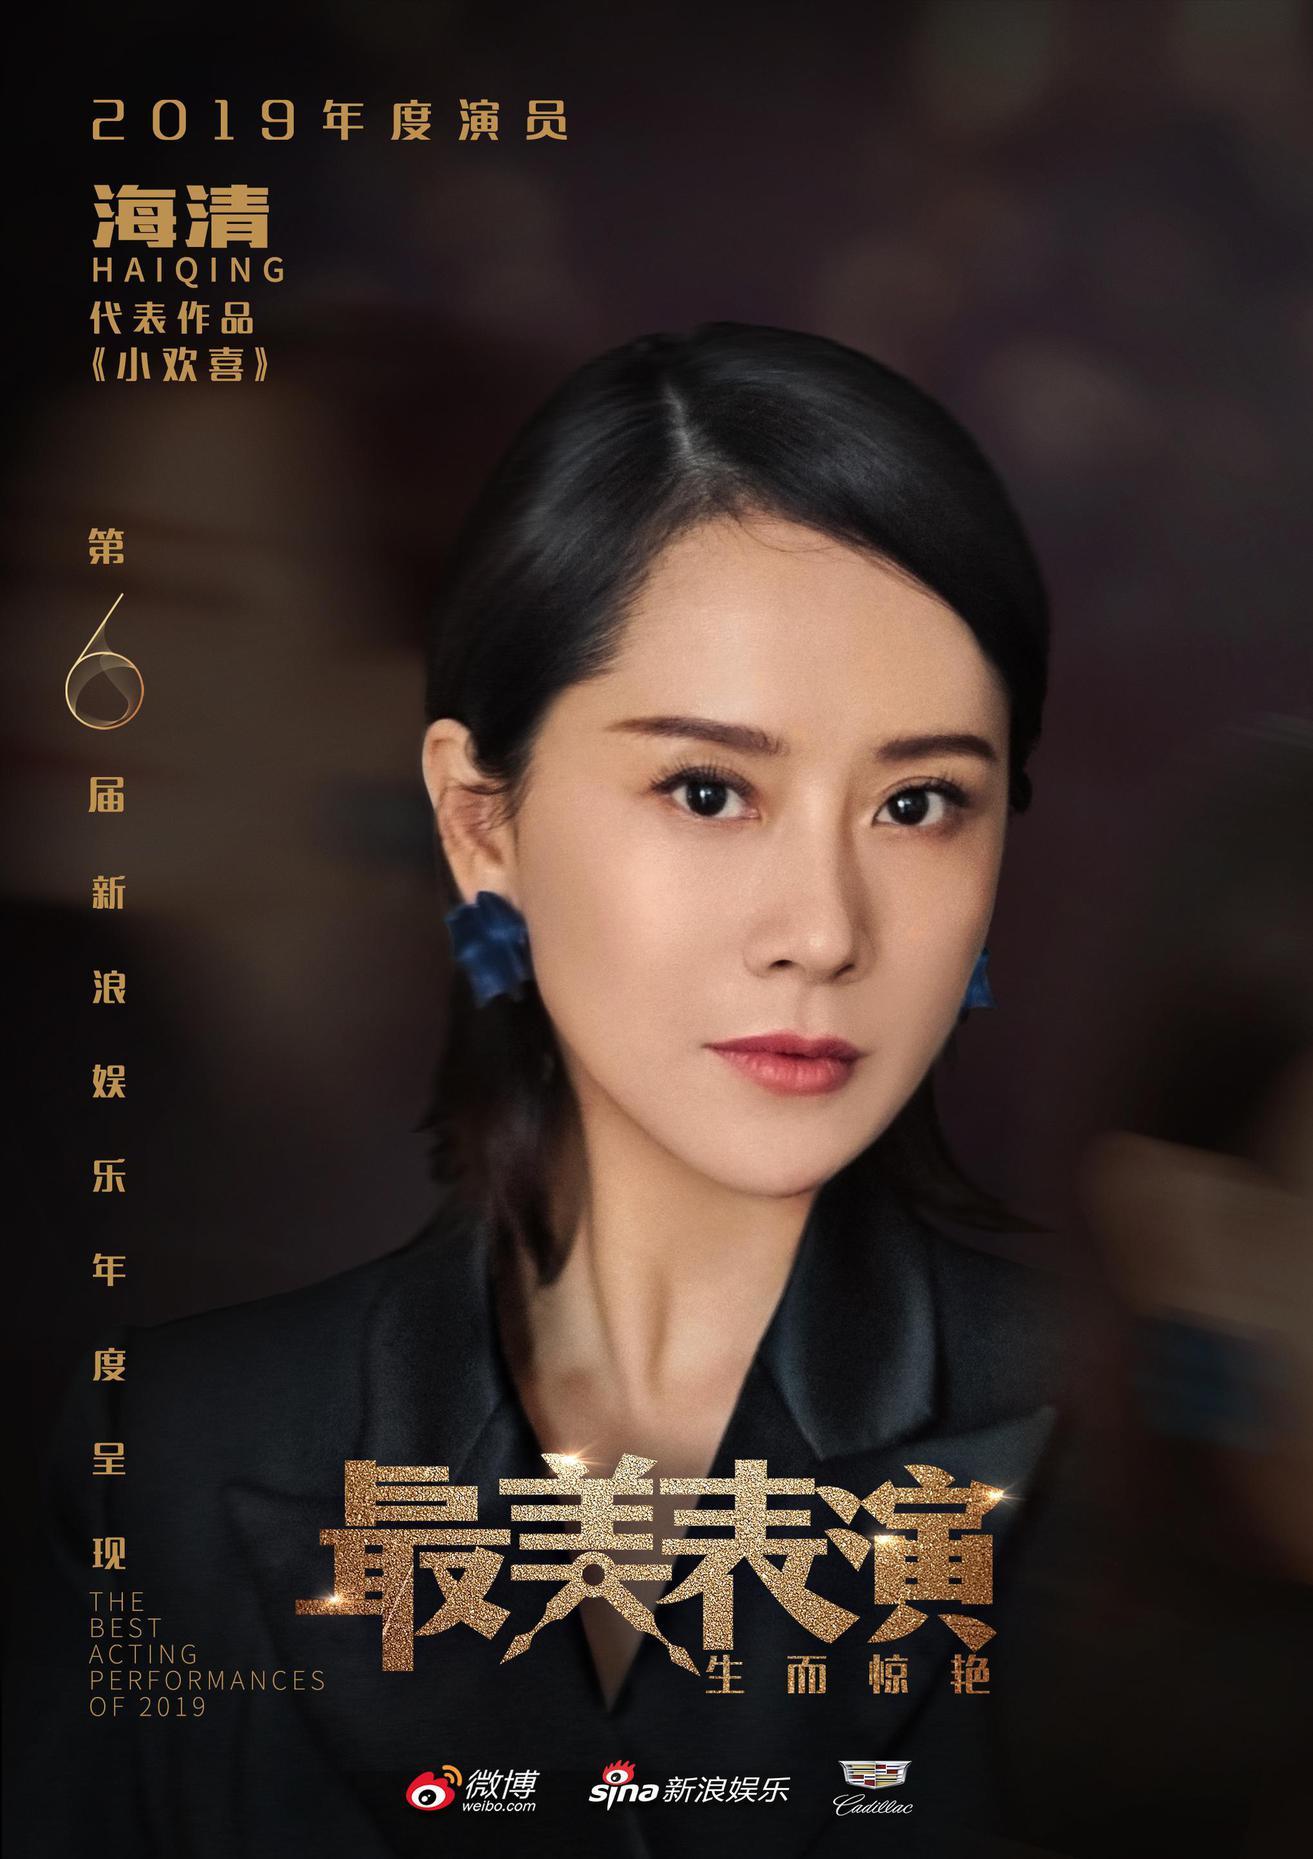 2019最美表演-海清